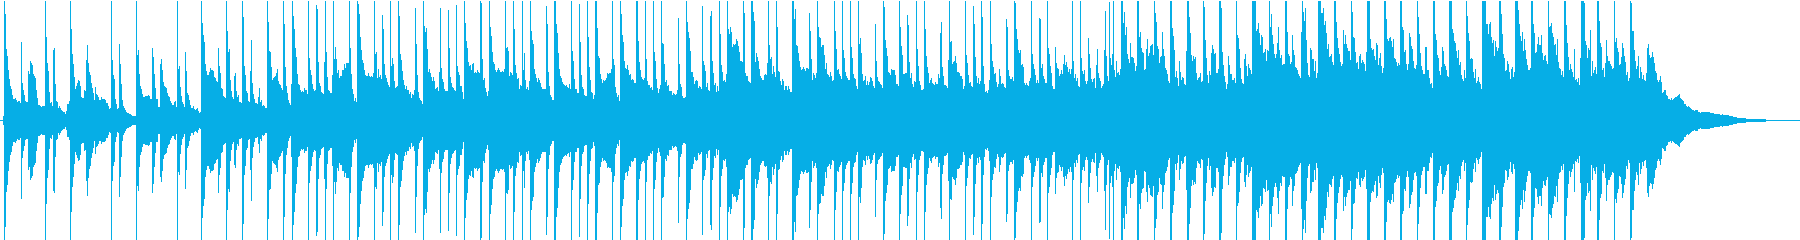 淡々と切ない・失恋・ギター・ピアノの再生済みの波形